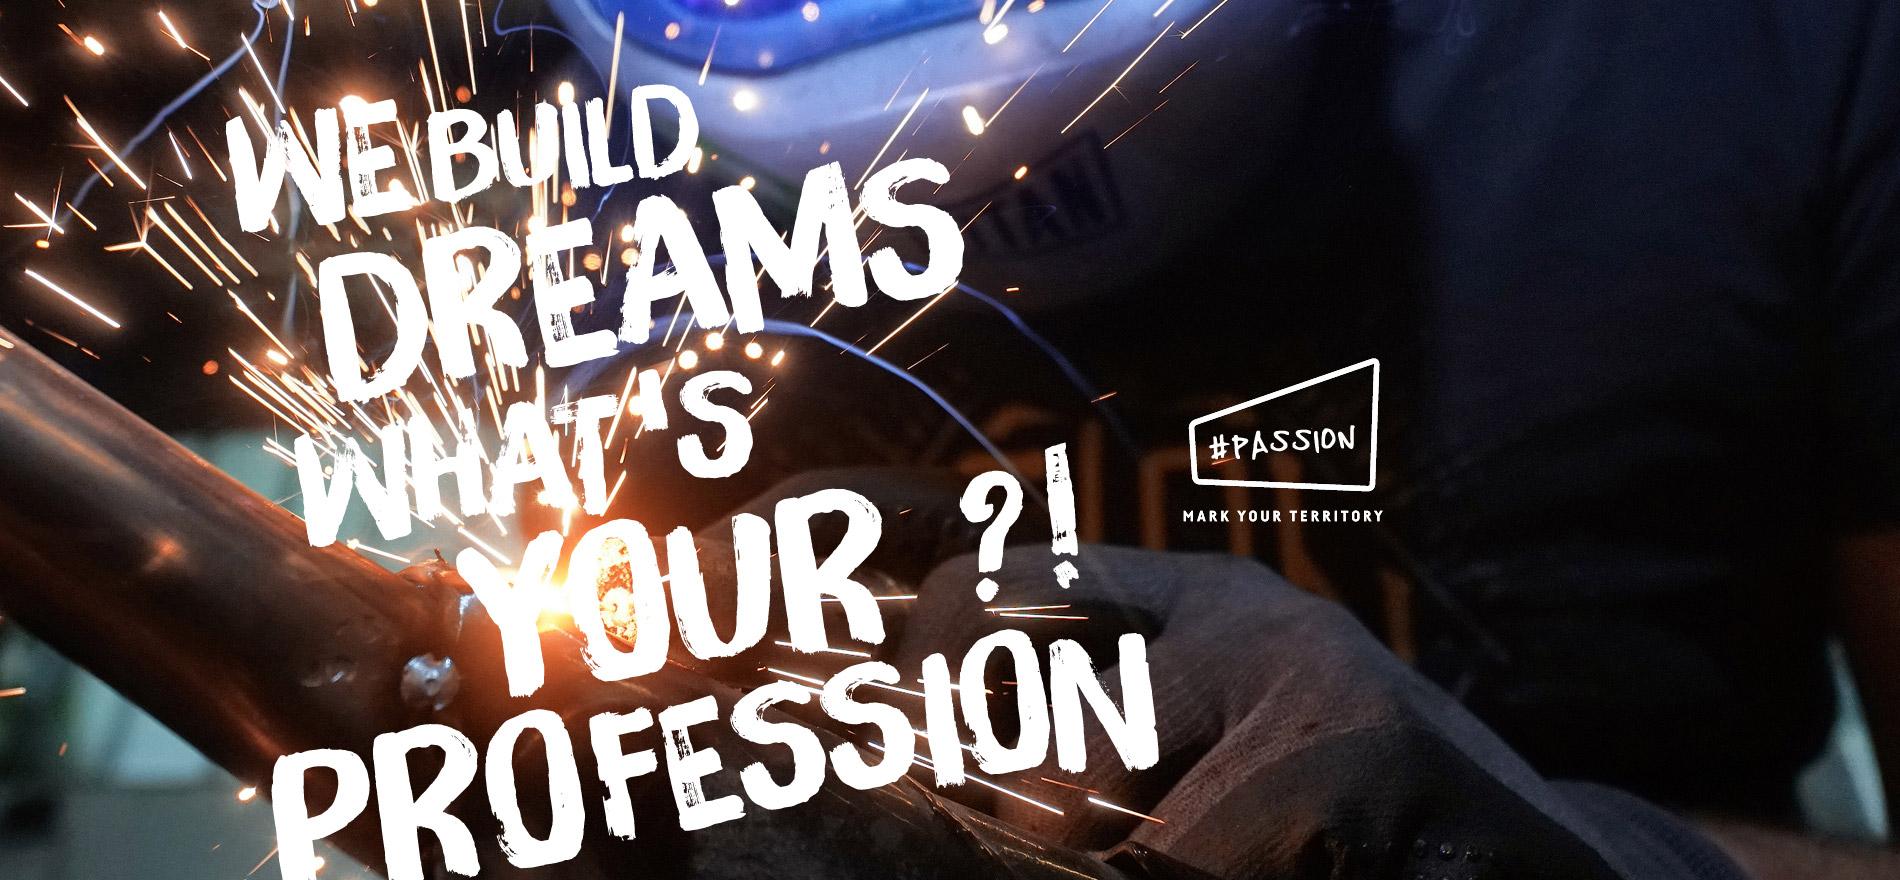 TITAN-Motorcycle-Co-Graz-Austria-WeBuild-Dreams-What-is-Your-Profession-#PASSION